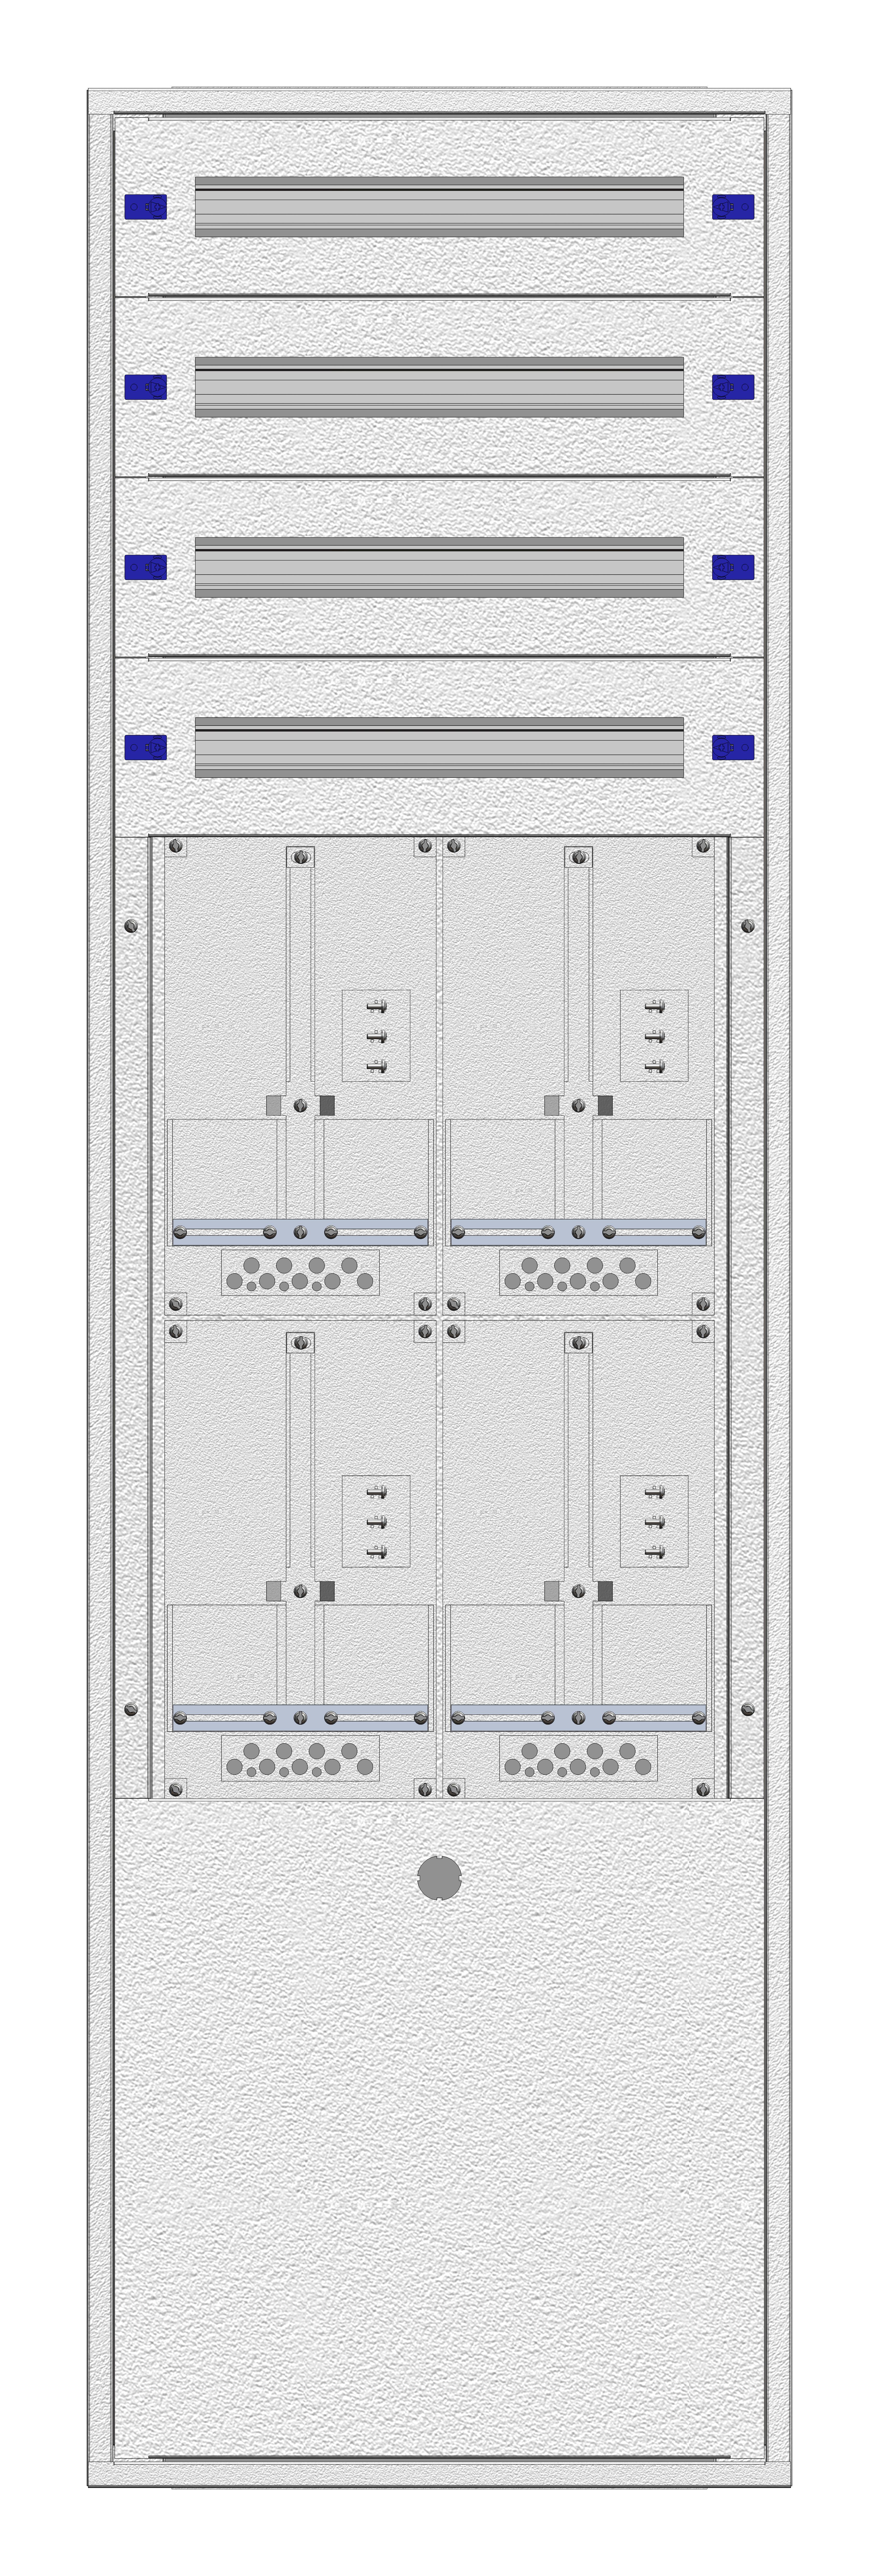 1 Stk Aufputz-Zählerverteiler 2A-39G/NOE 4ZP, H1885B590T250mm IL162239NS